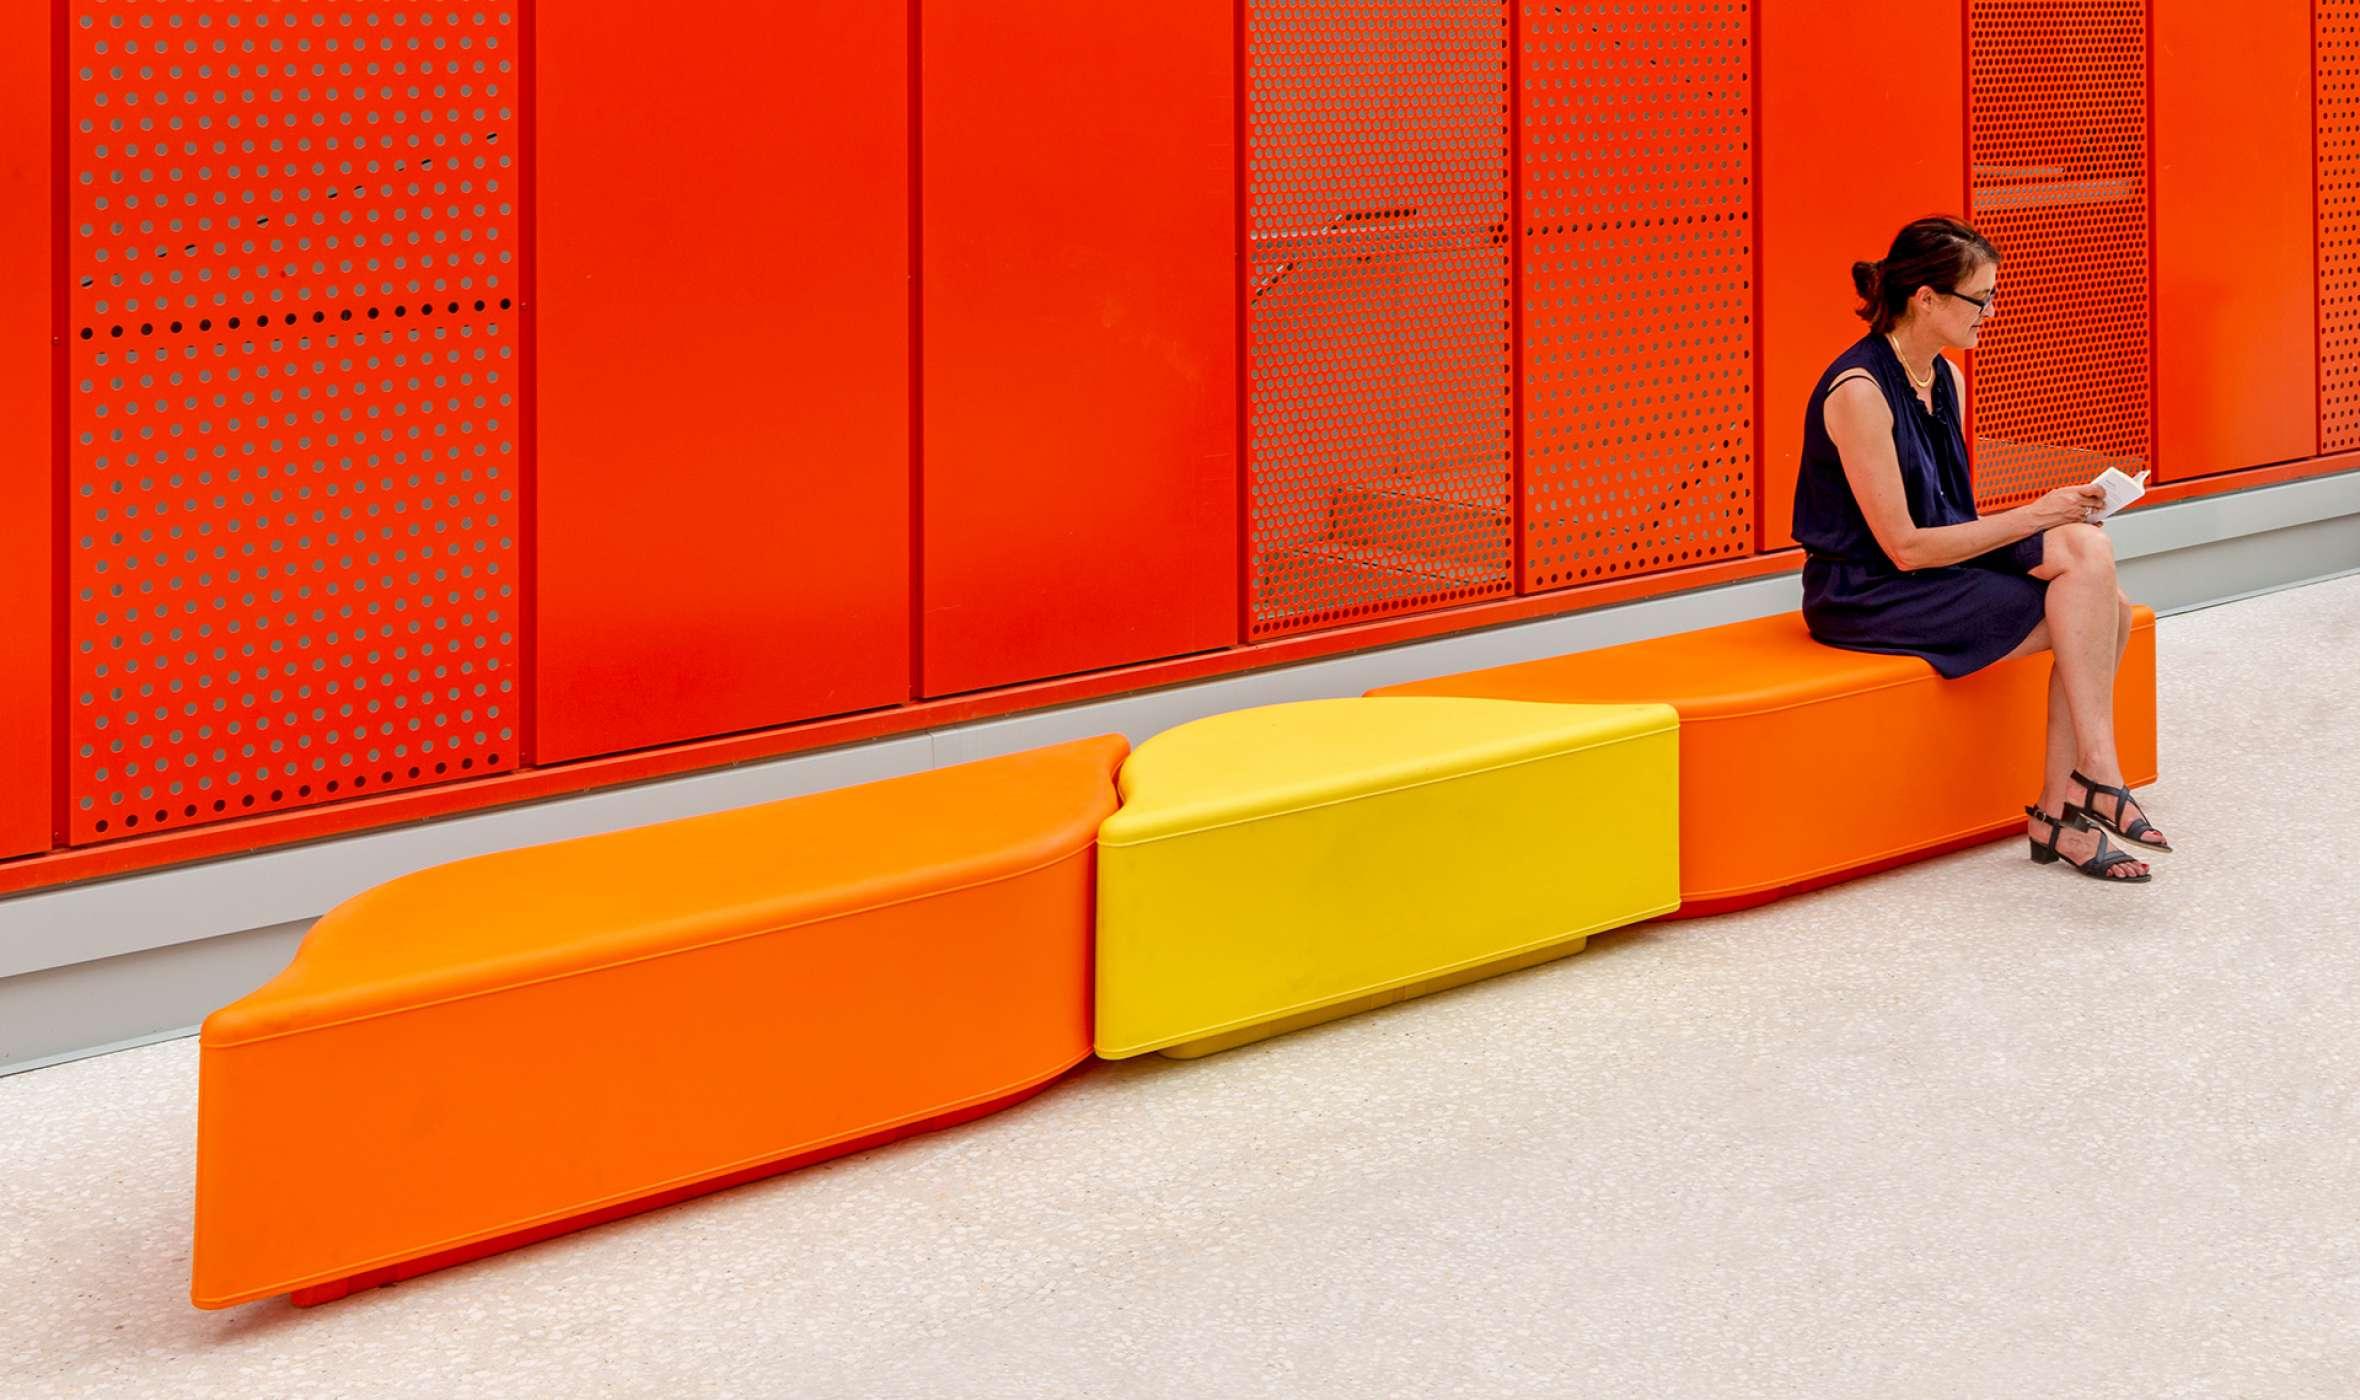 Lungo bank zorgt voor een kleurrijke omgeving